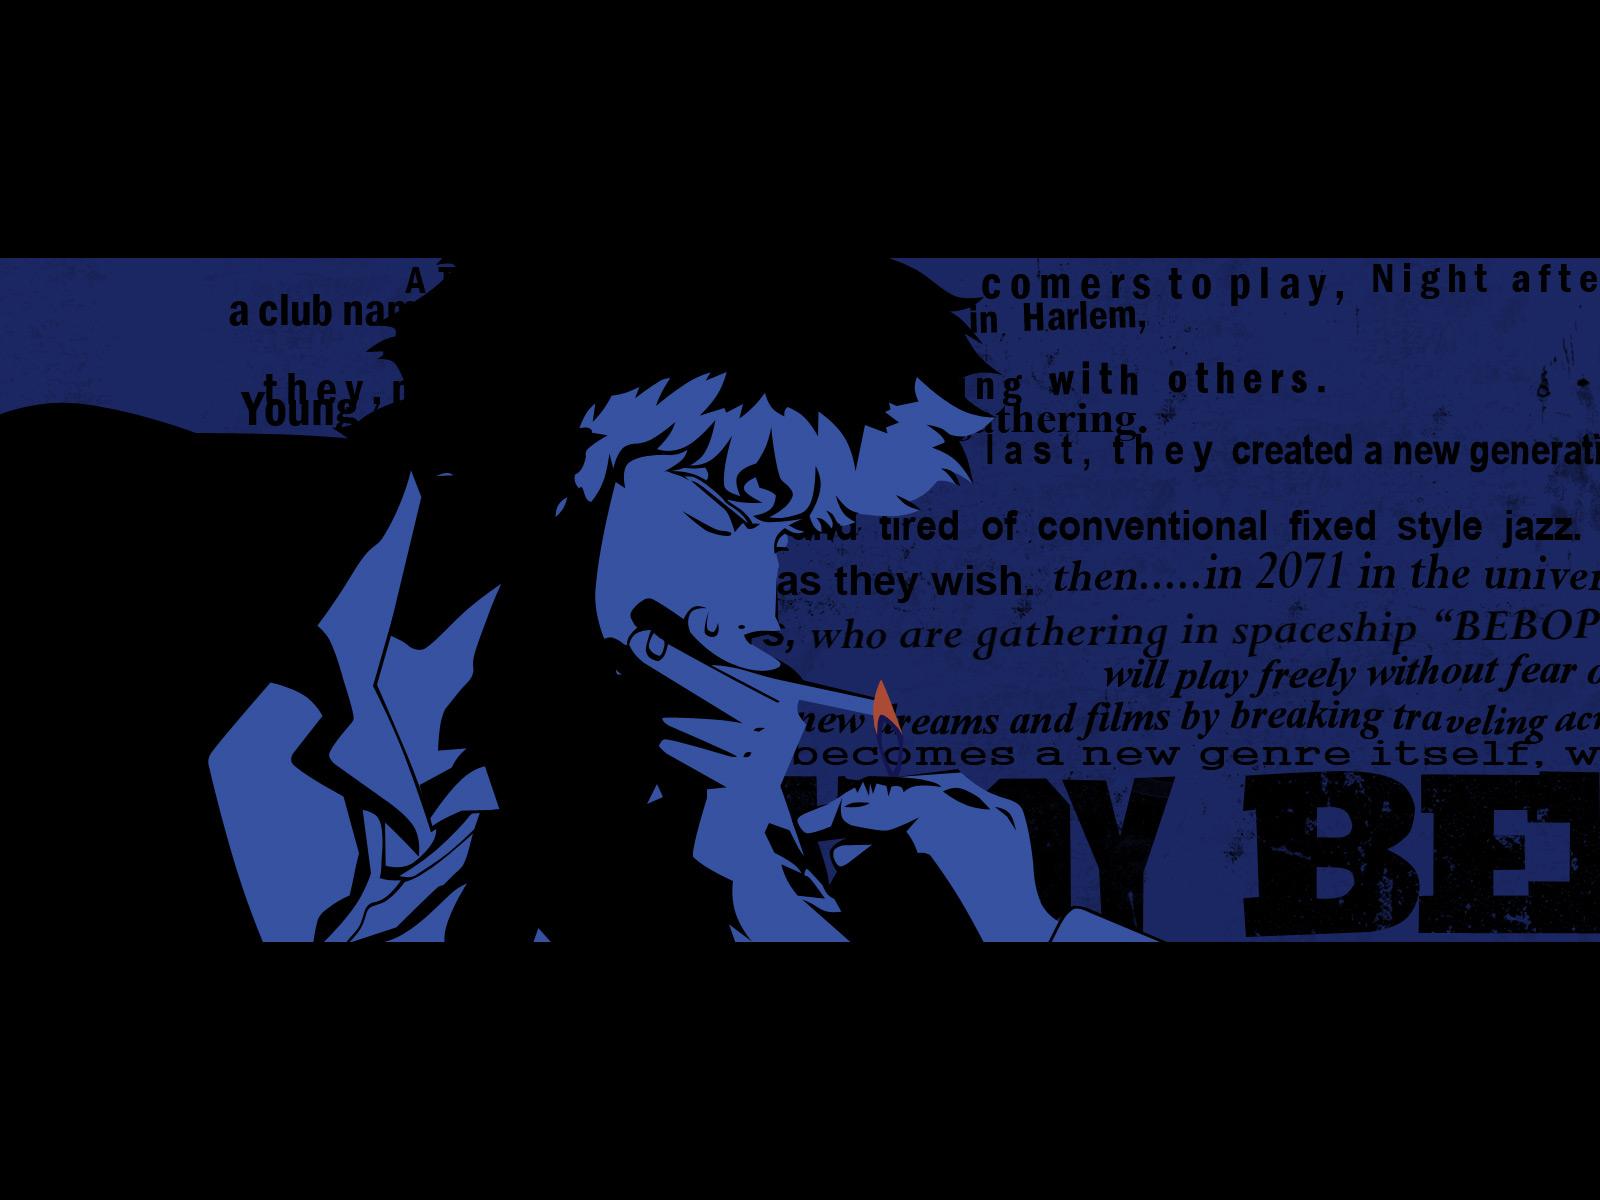 Fondos de pantalla de Cowboy Bebop Wallpapers de Cowboy Bebop 1600x1200